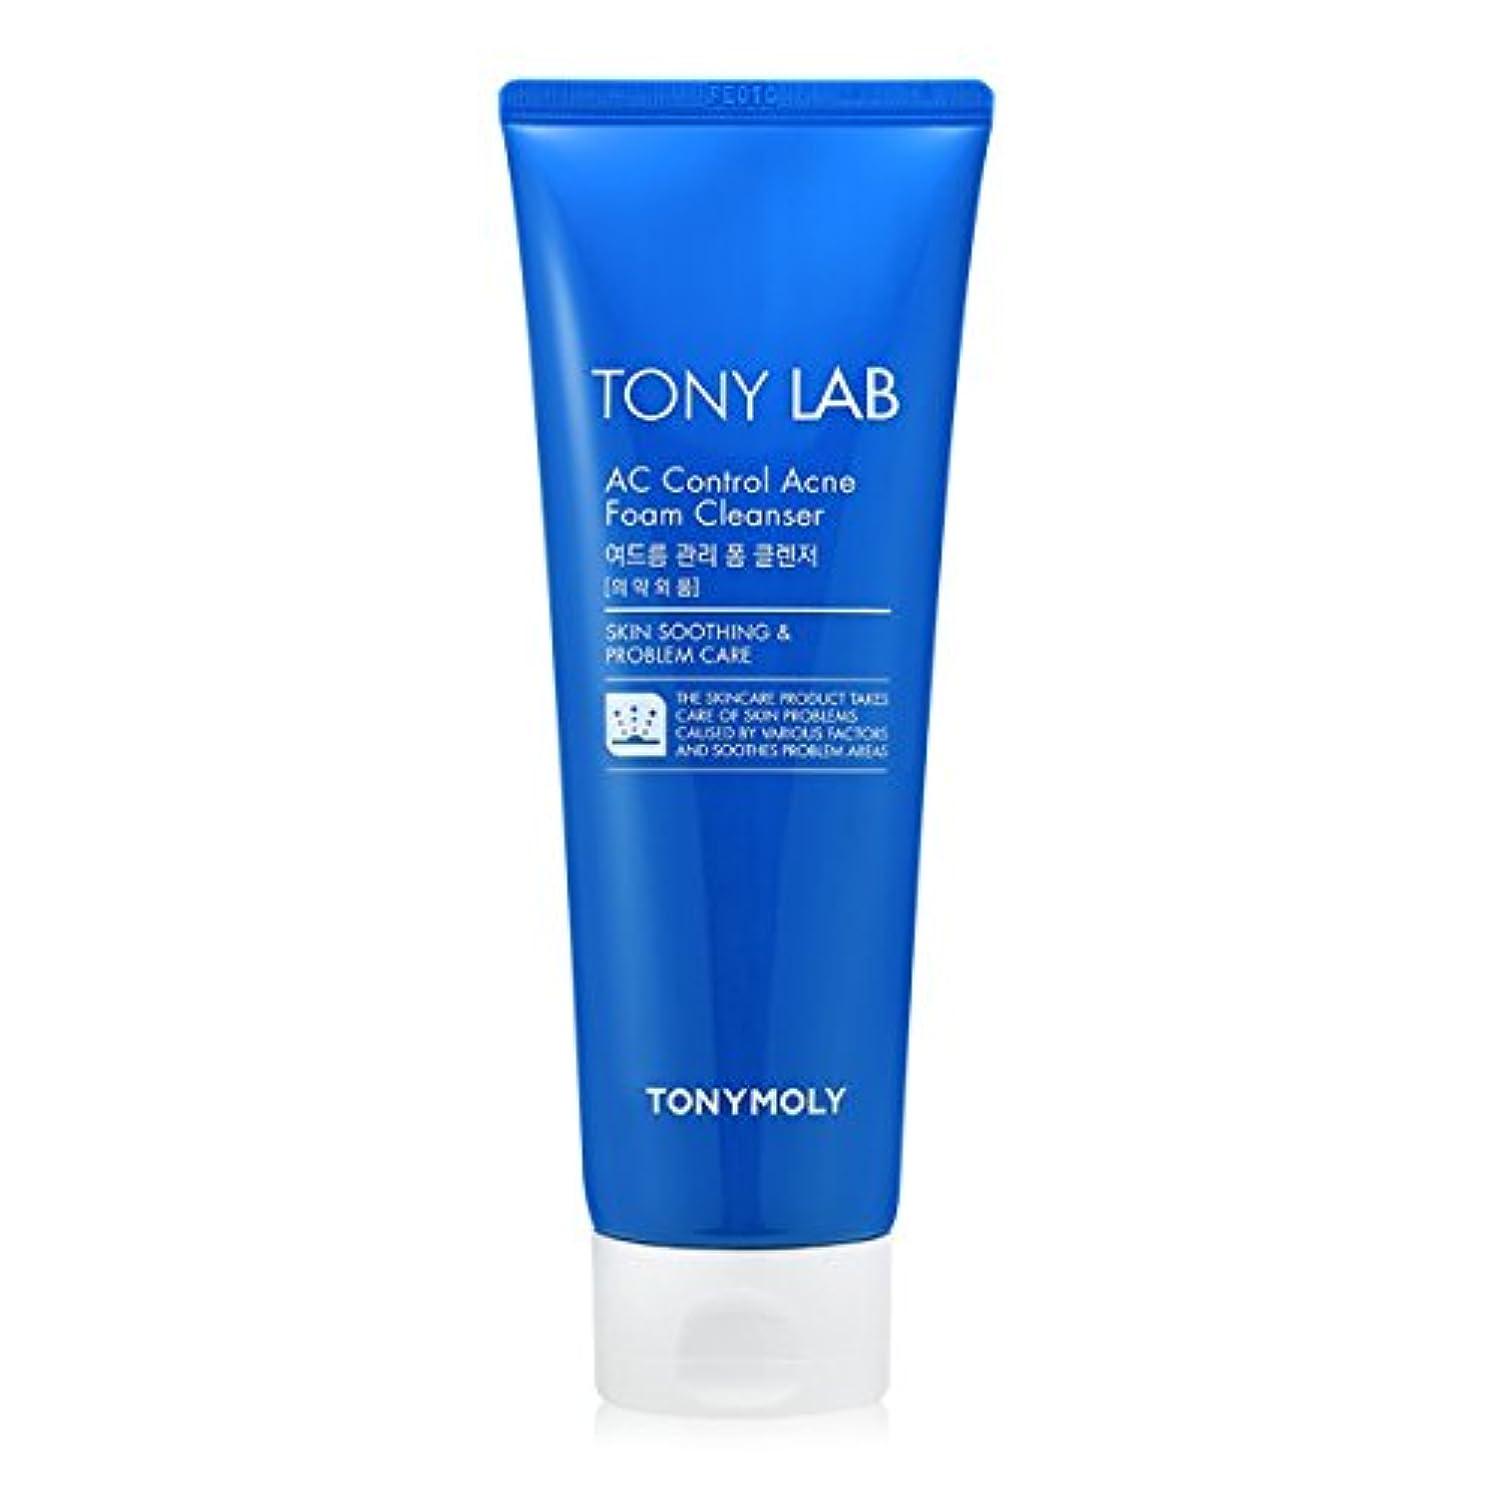 吸うフィドル機関[New] TONYMOLY Tony Lab AC Control Acne Foam Cleanser 150ml/トニーモリー トニー ラボ AC コントロール アクネ フォーム クレンザー 150ml [並行輸入品]